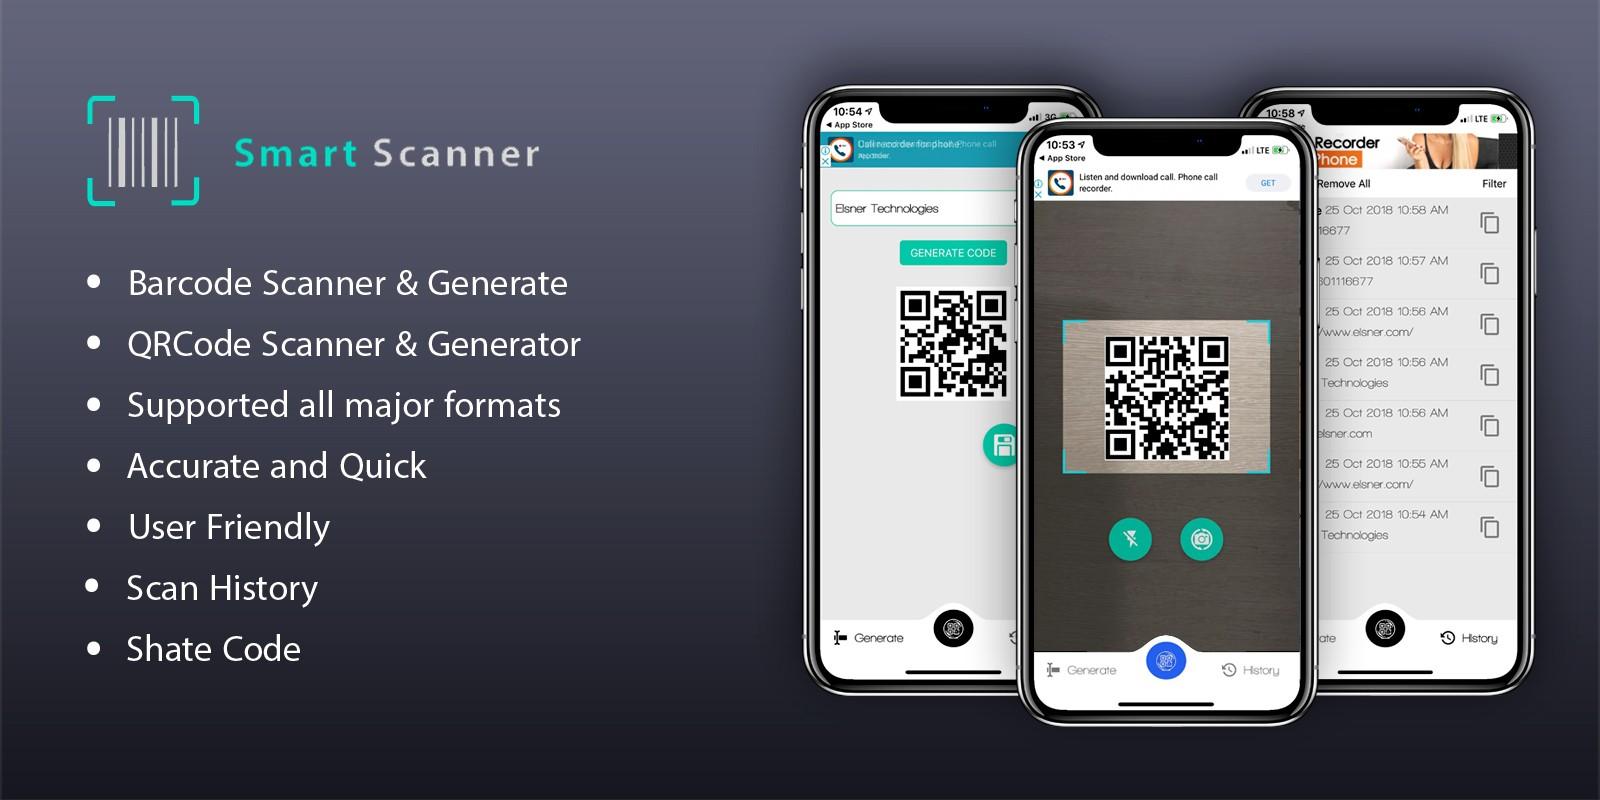 Smart Scanner - iOS Source Code